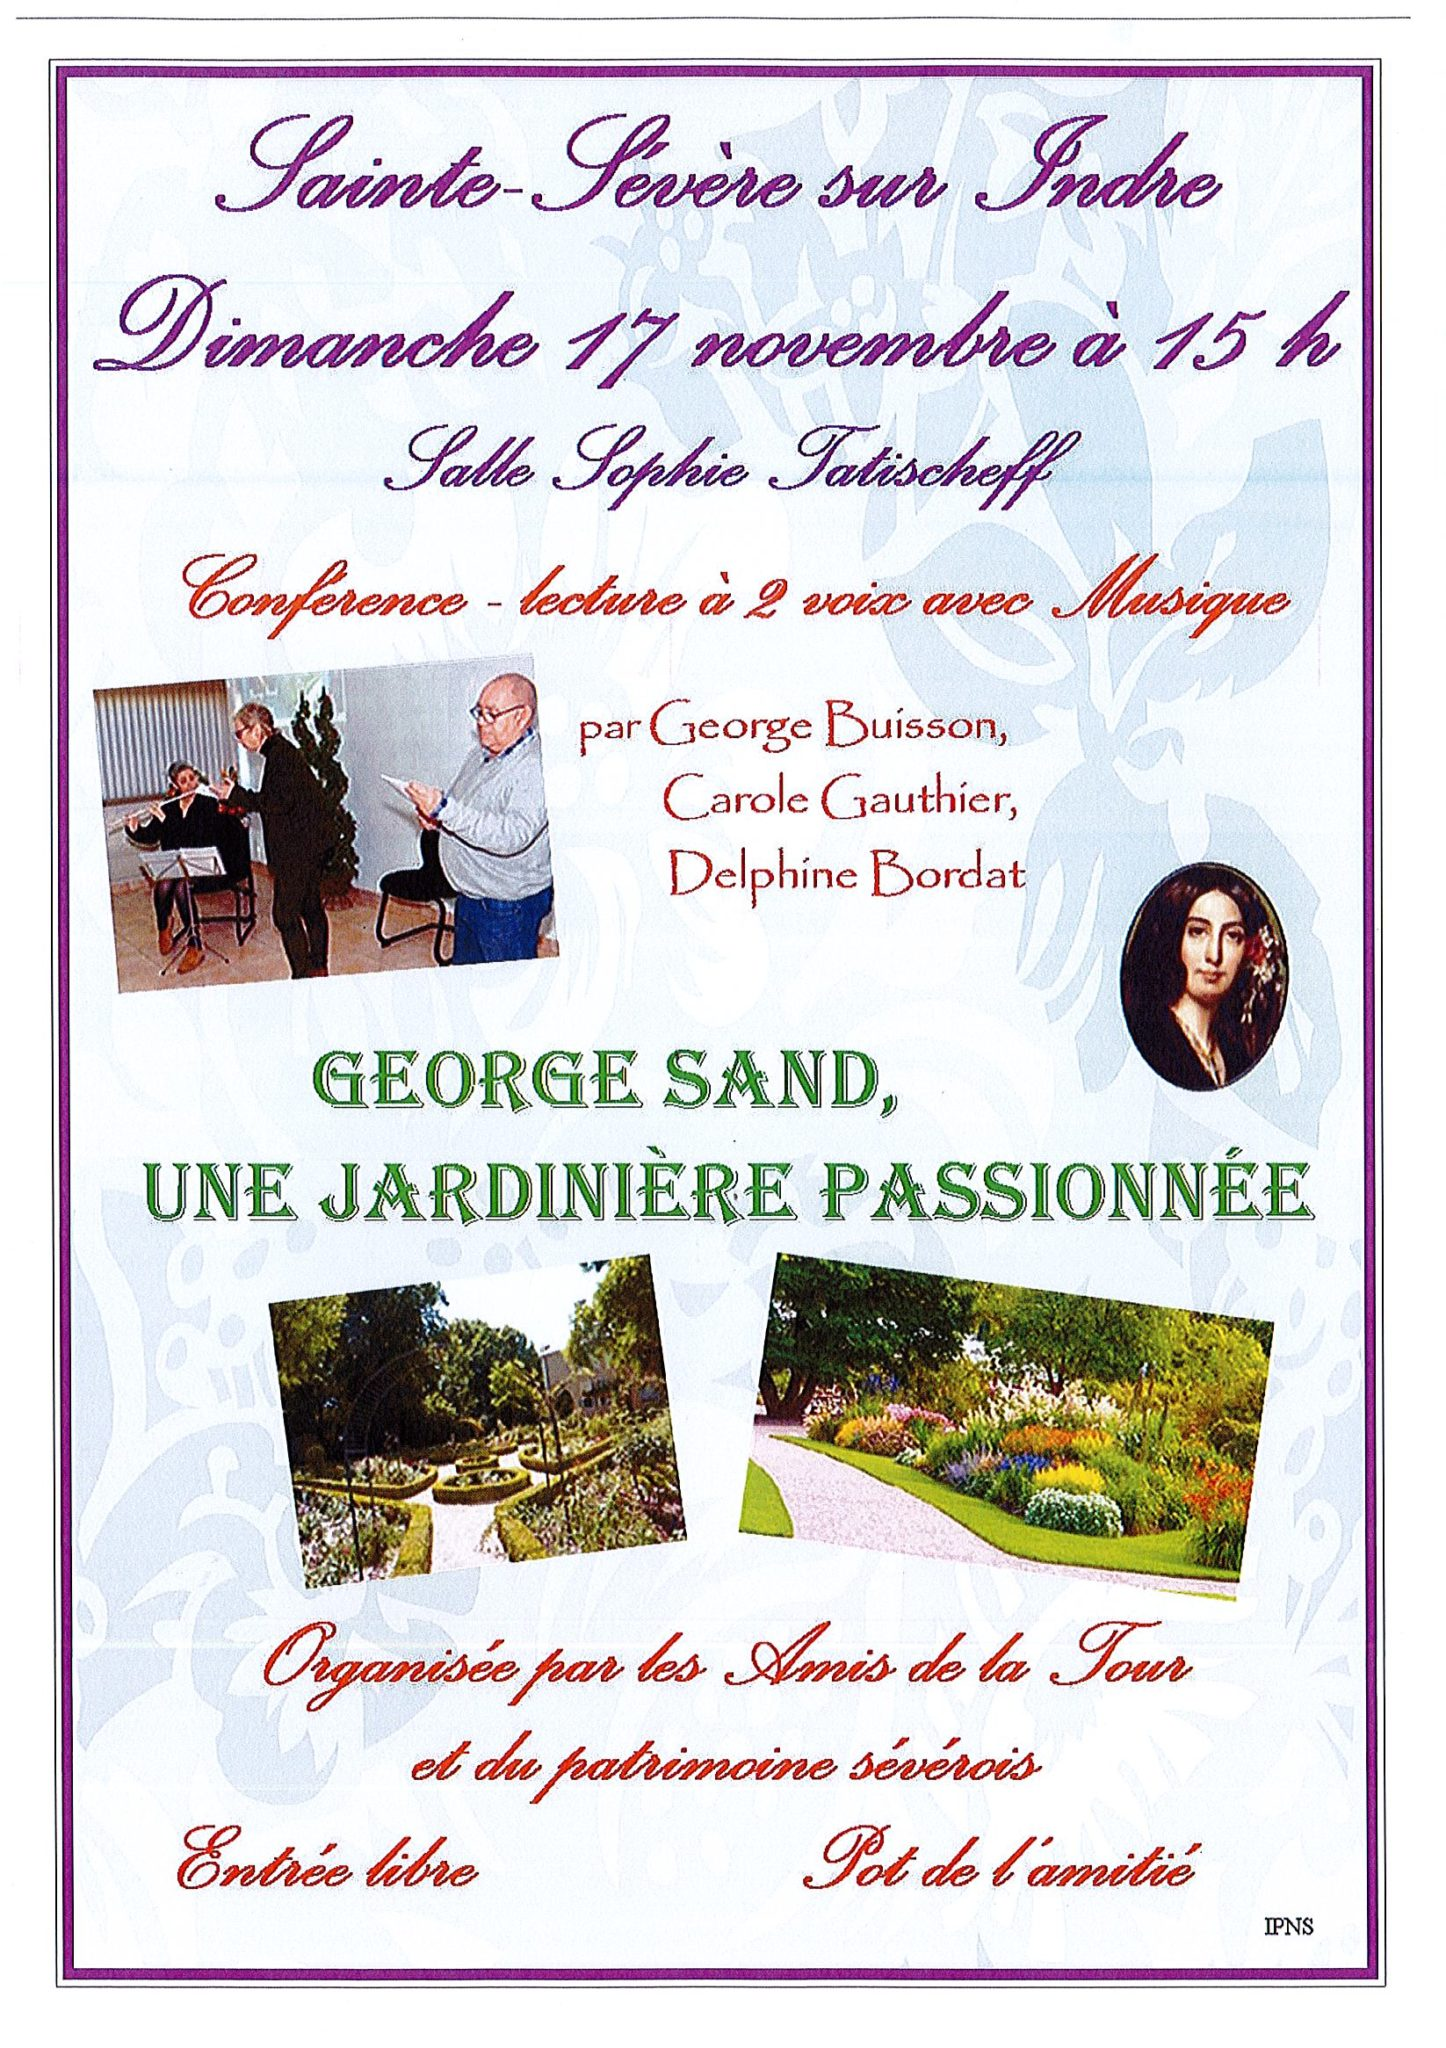 17 novembre – Conférence George Sand, une jardinière passionnée